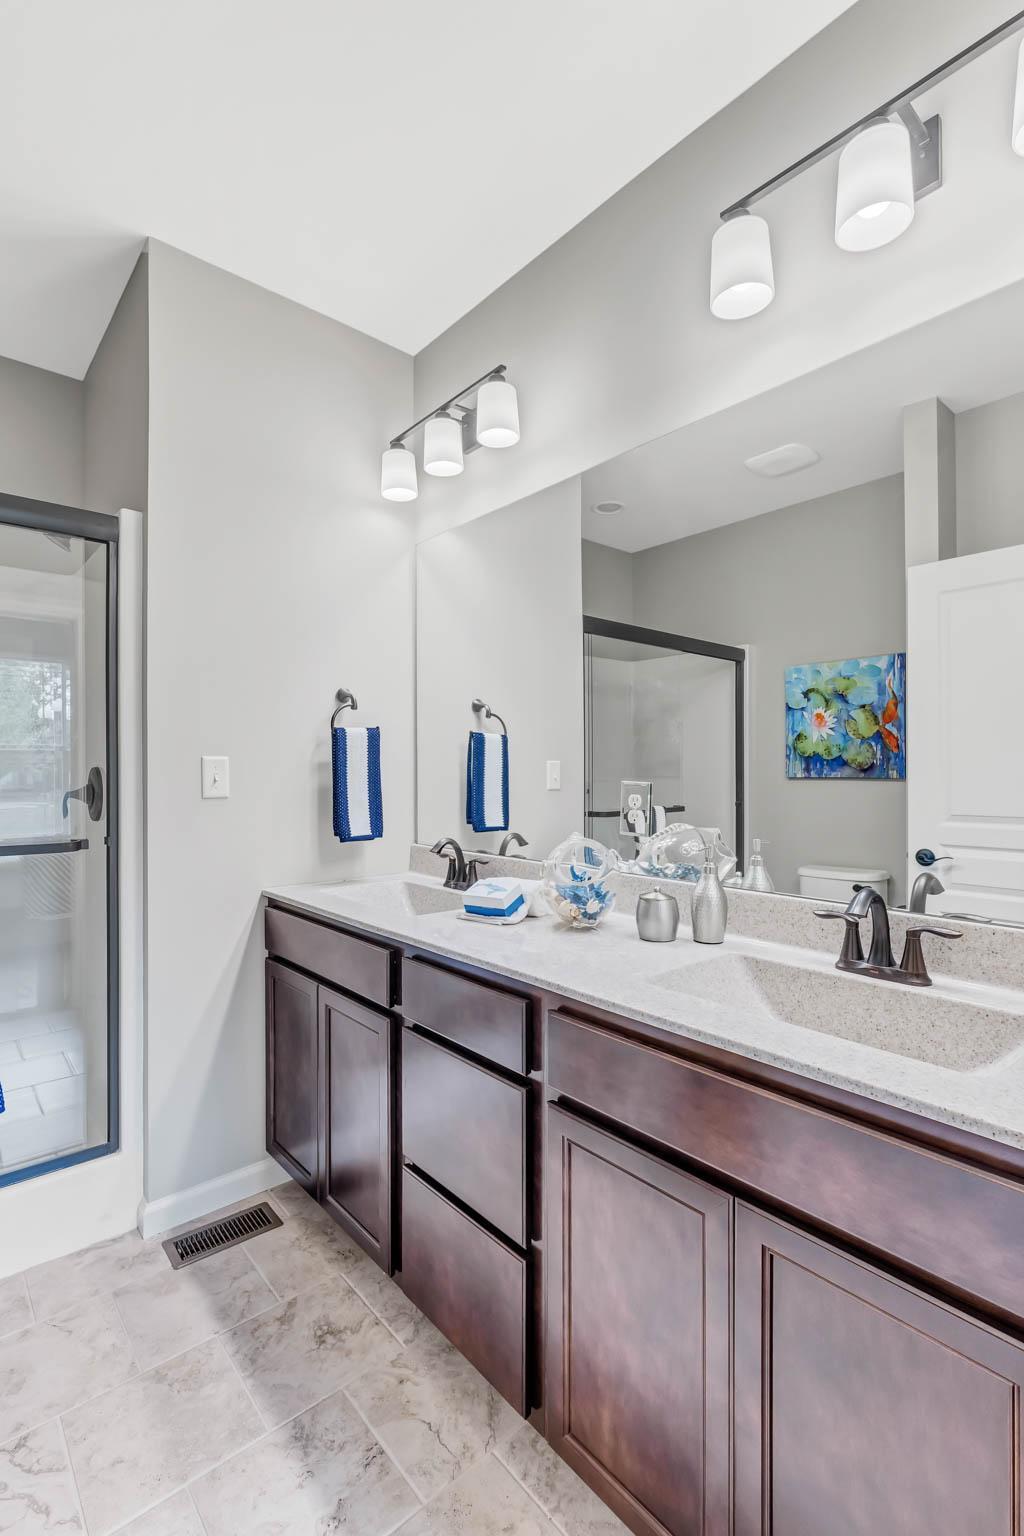 Bathroom featured in the Ashland - Charlestowne By Fischer & Frichtel in St. Louis, MO